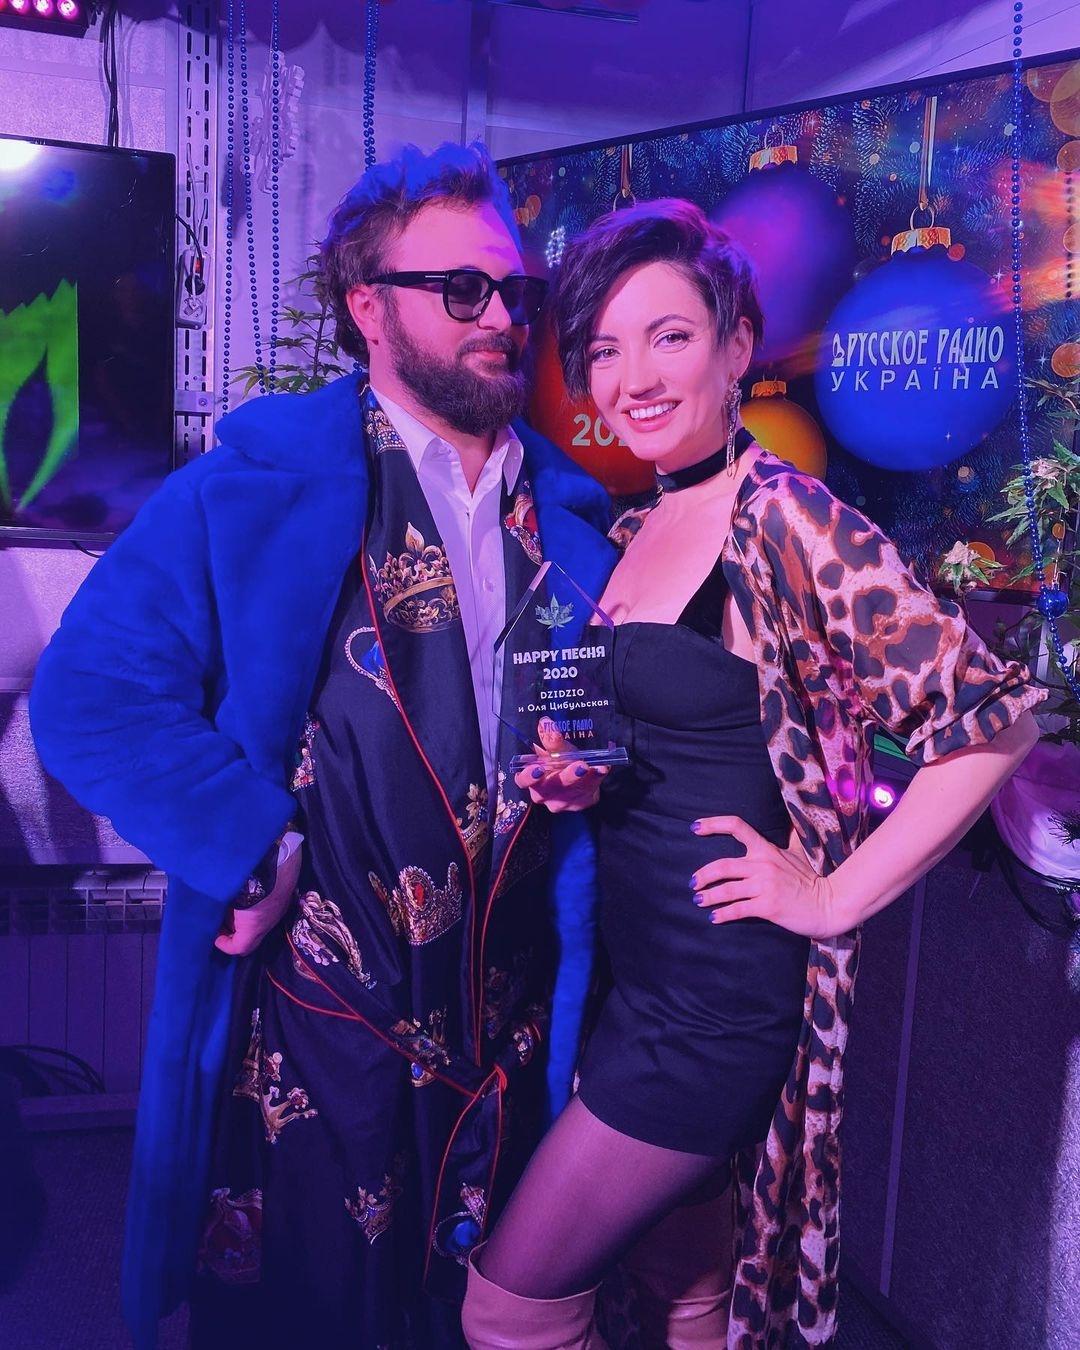 Оля Цибульская рассказала об угрозах, которые получала от жены DZIDZIO - фото №1